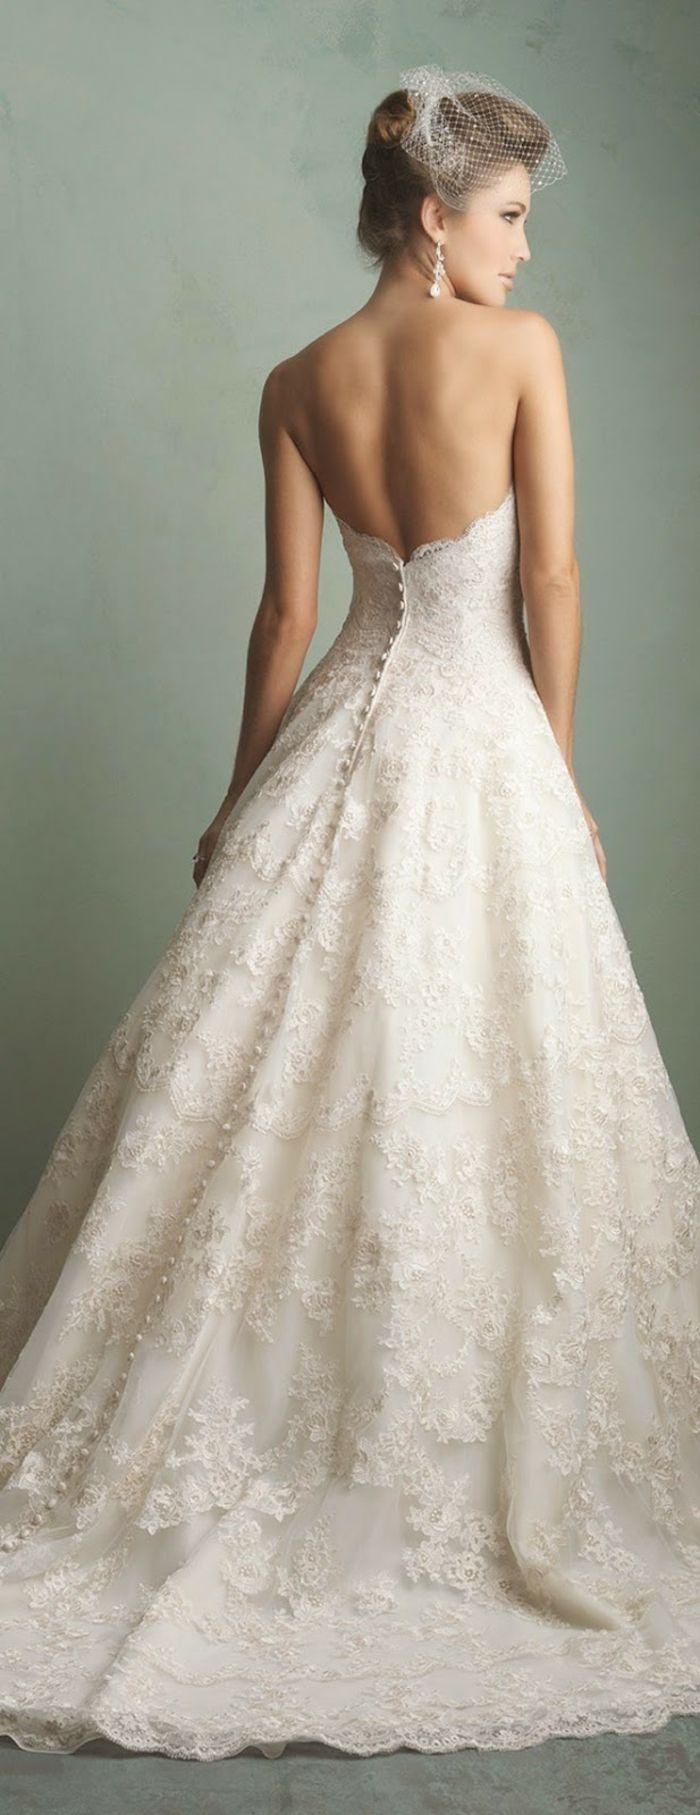 Best wedding dresses for under 1000   best wedding images on Pinterest  Wedding frocks Bridal